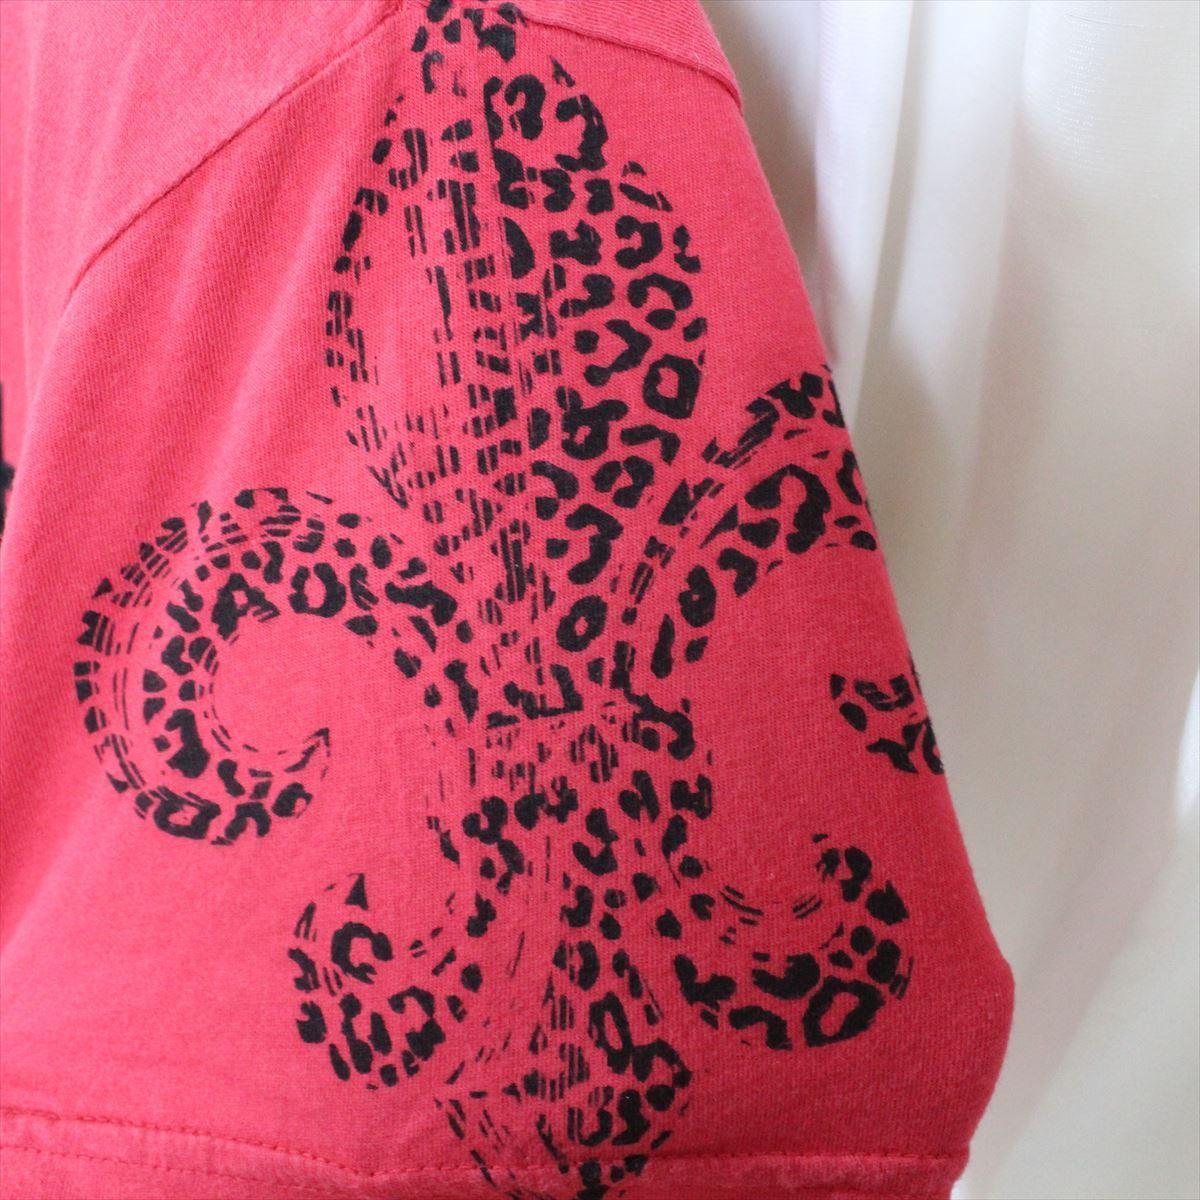 スメット SMET メンズ半袖Tシャツ レッド Sサイズ NO13 新品 赤_画像3